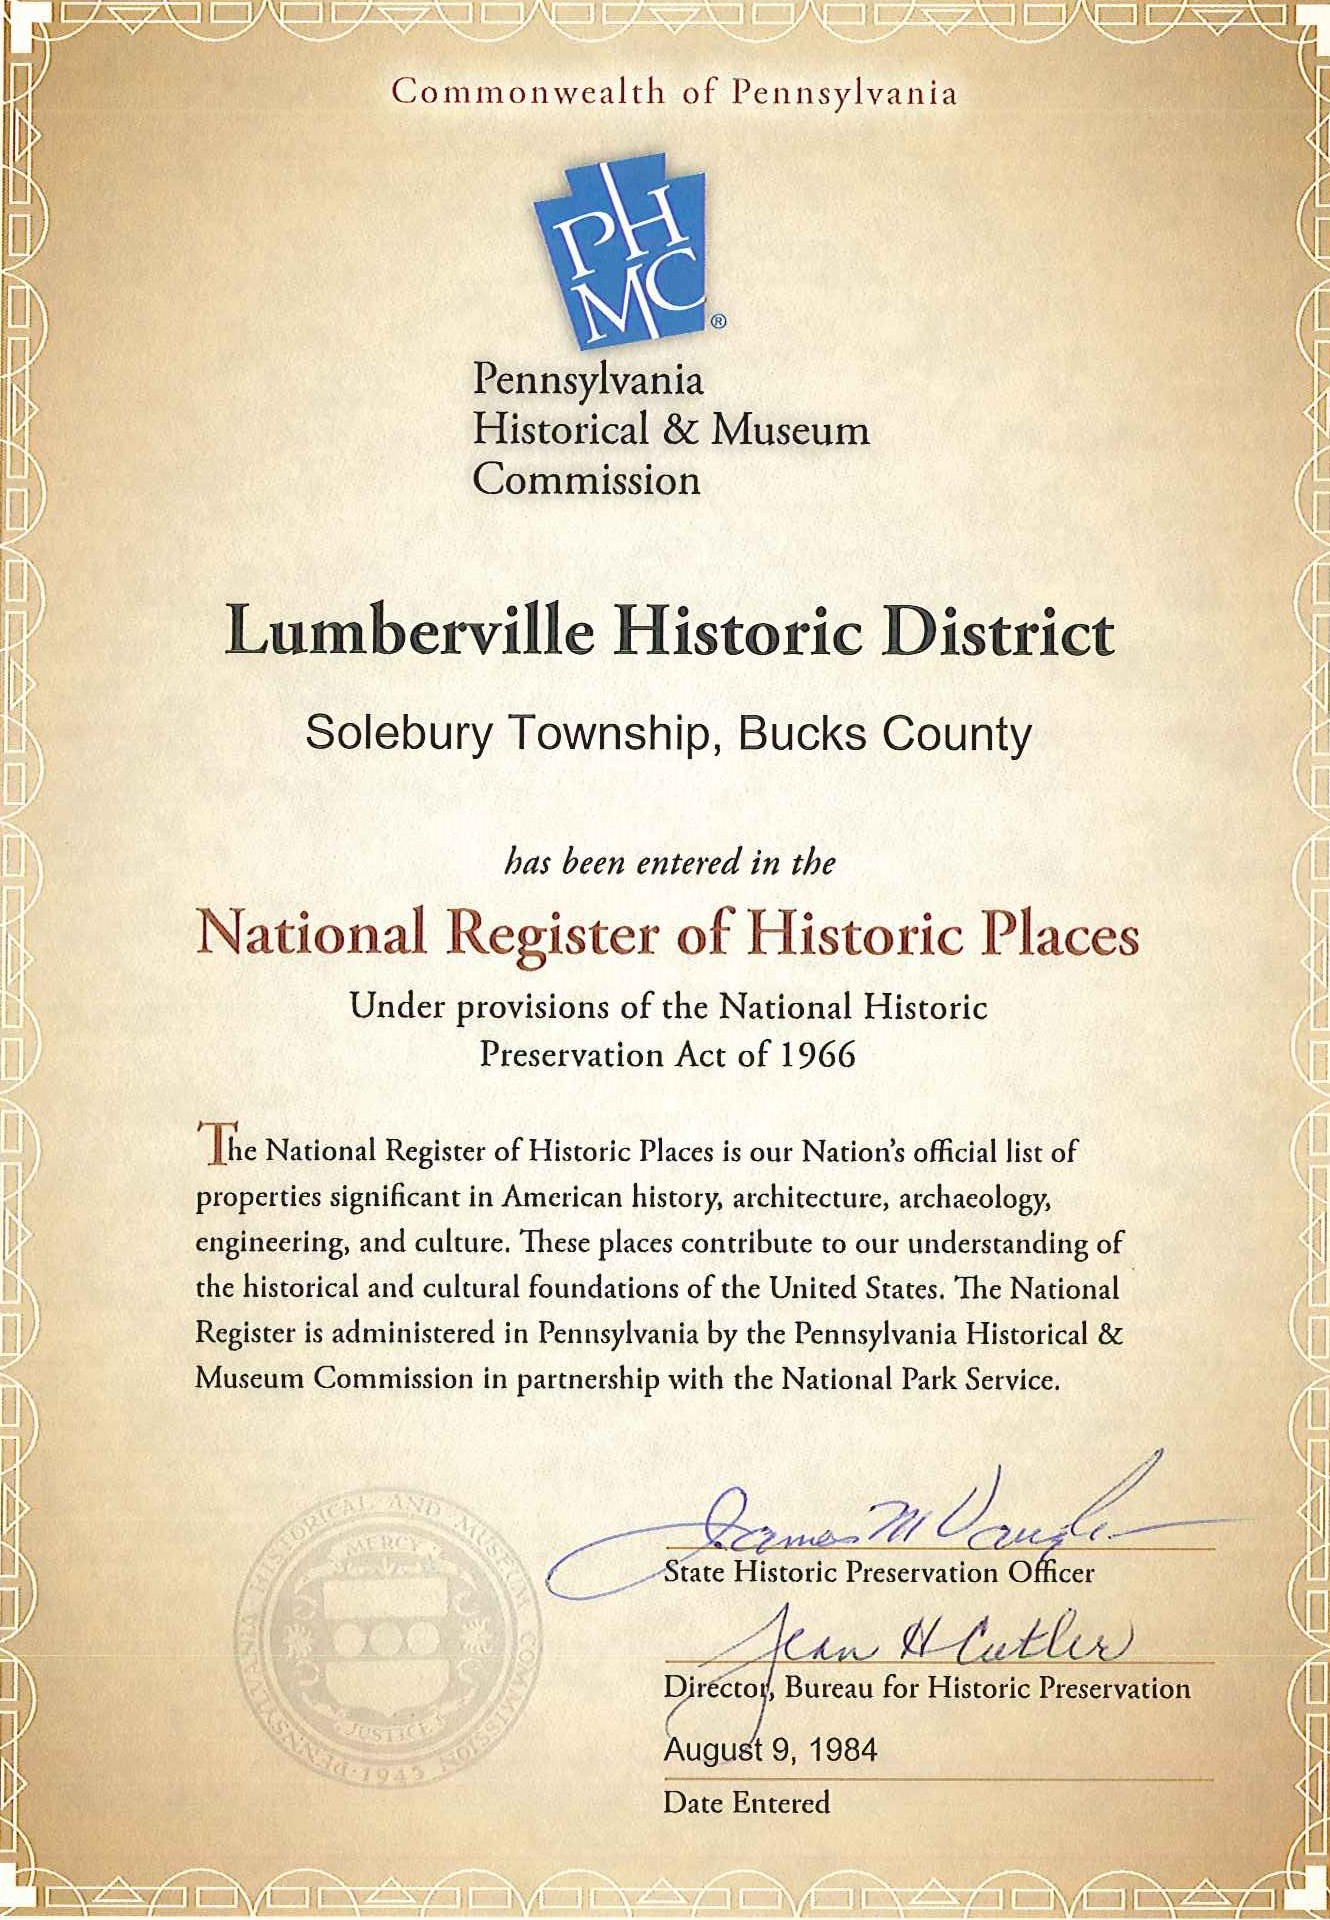 STHS_Lumberville-HDCert